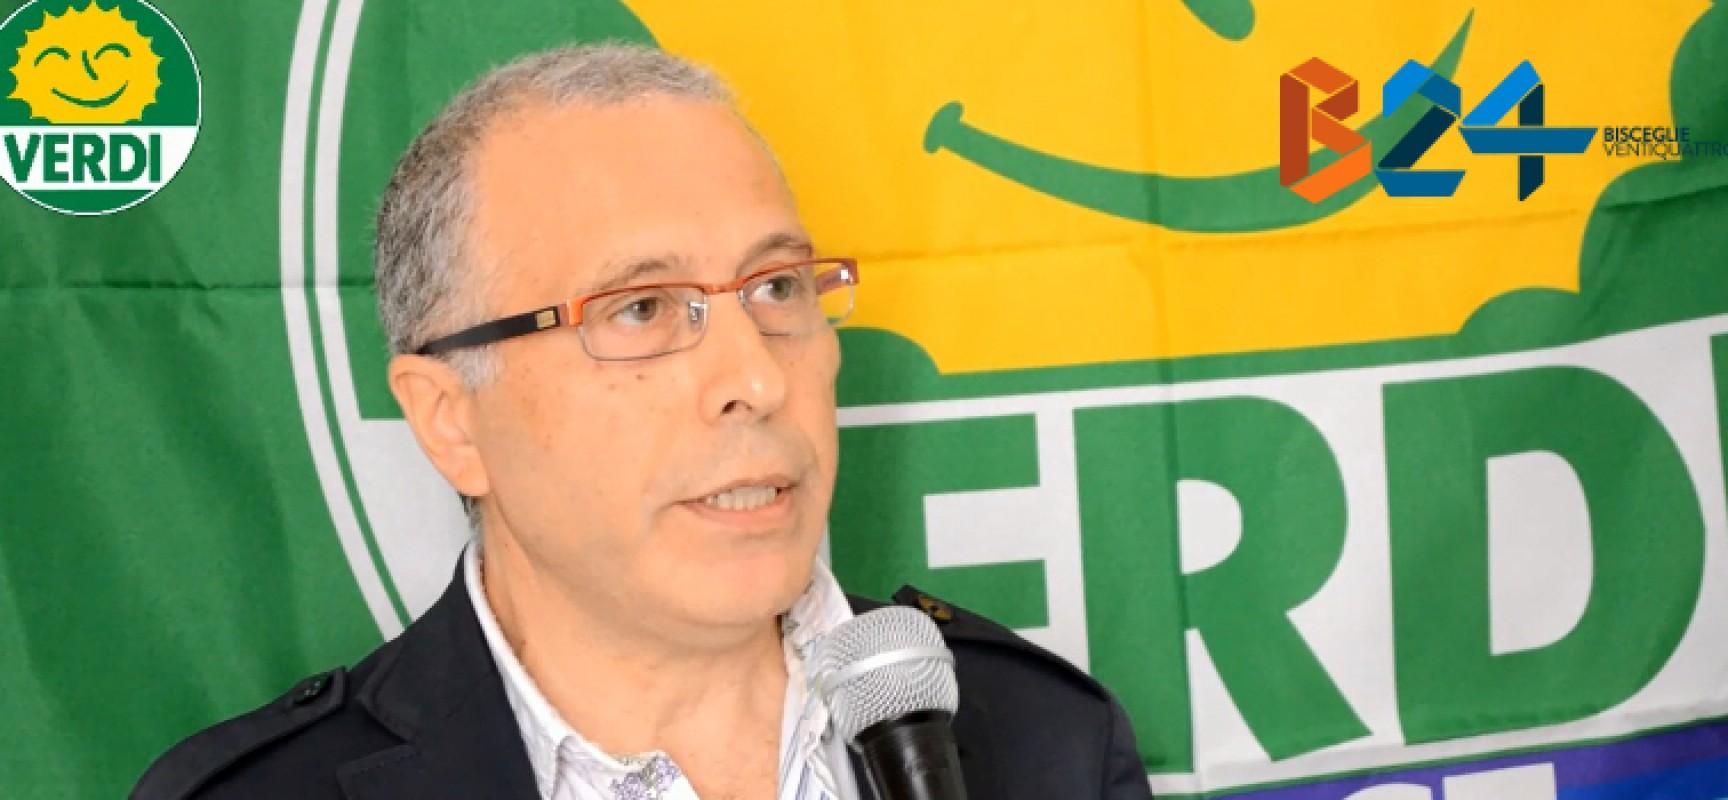 Festa dell'Arabia Saudita, Parisi (Verdi) critica l'amministrazione comunale per la partecipazione